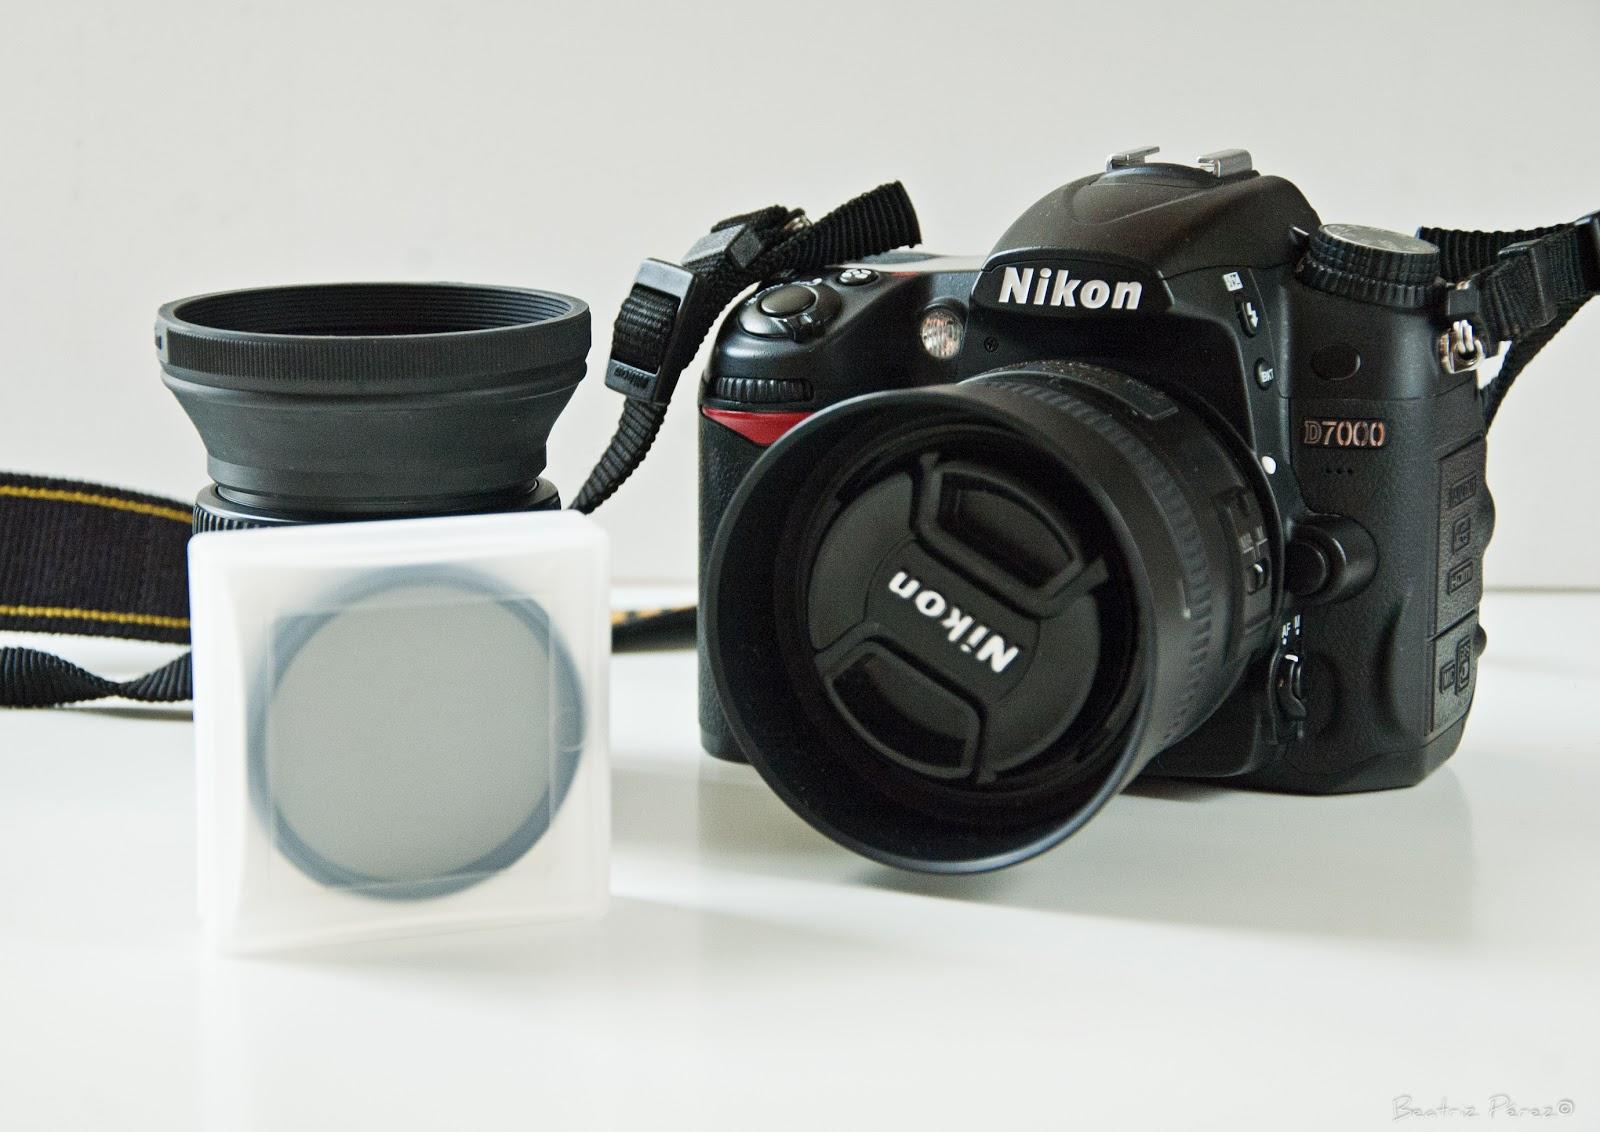 Cómo comprar tu cámara fotográfica